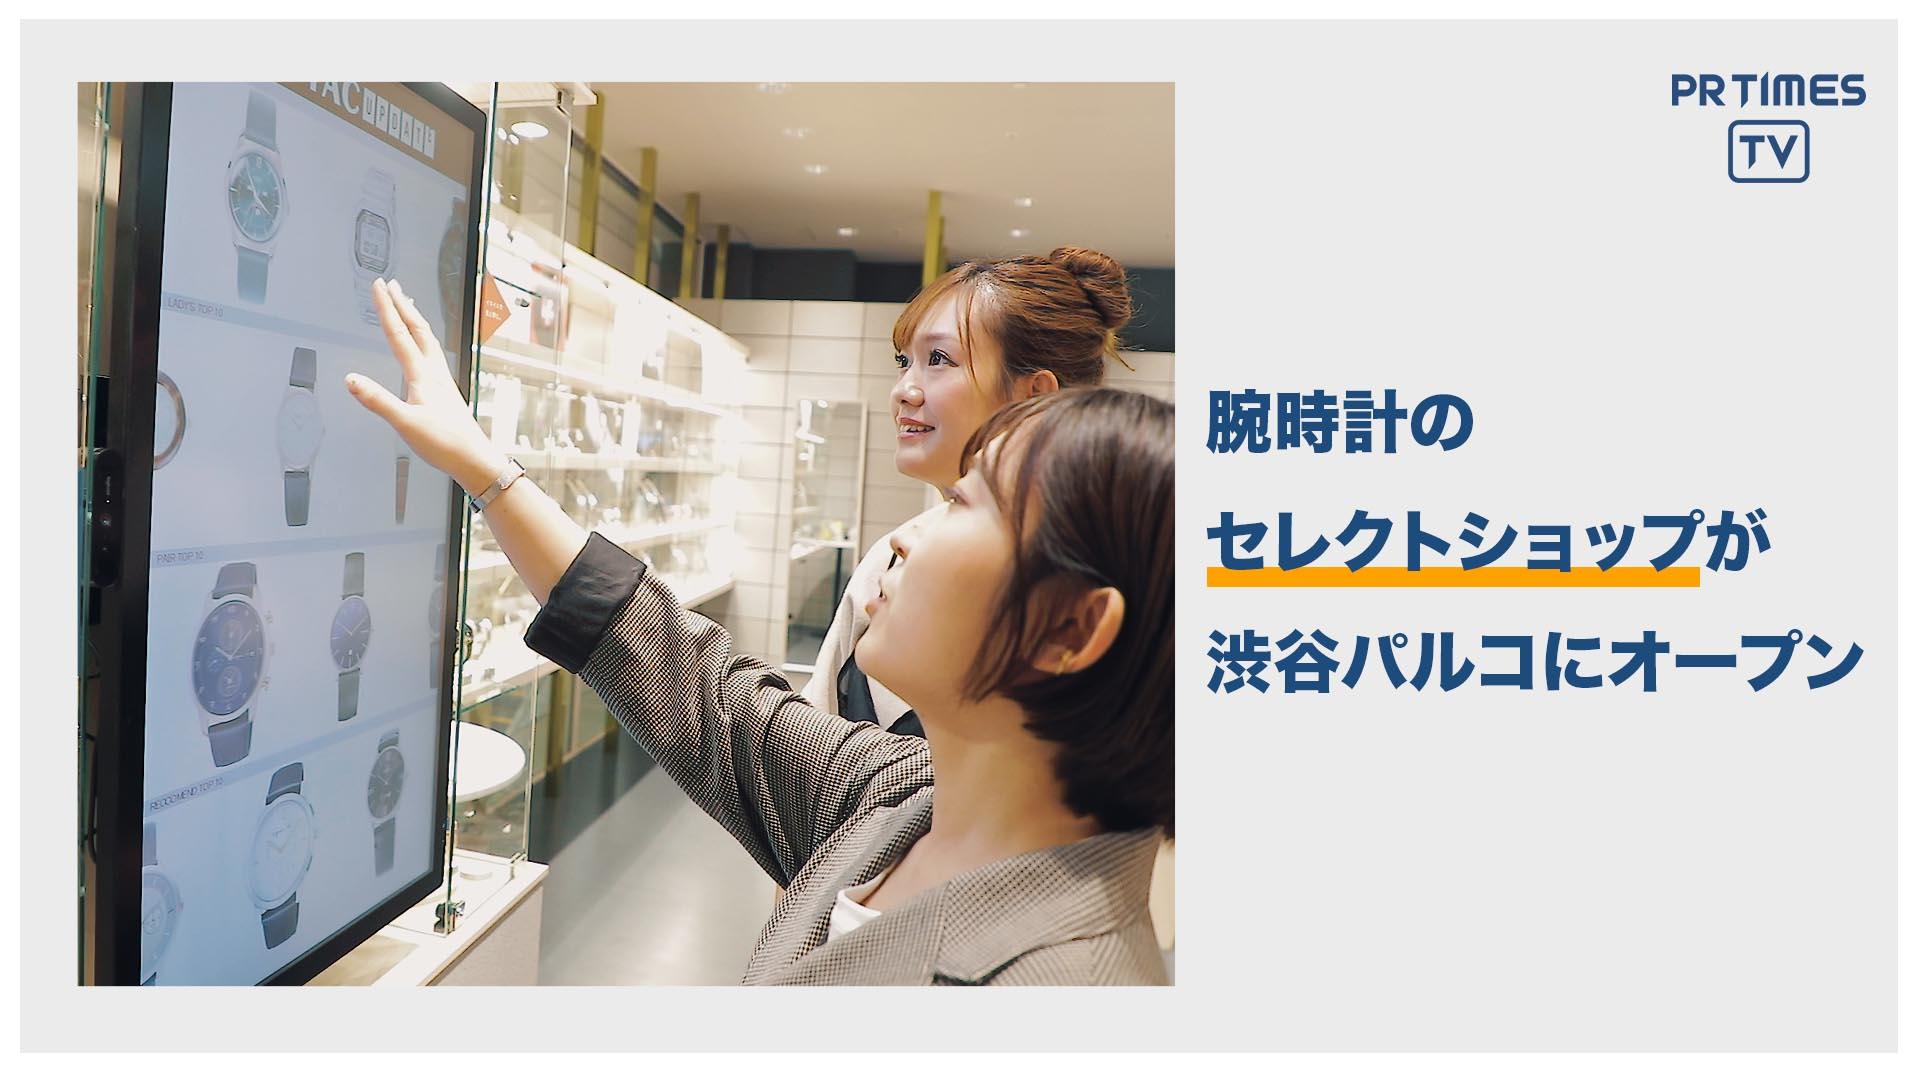 腕時計のセレクトショップ「TiCTAC」の新ショップが渋谷パルコにオープン!